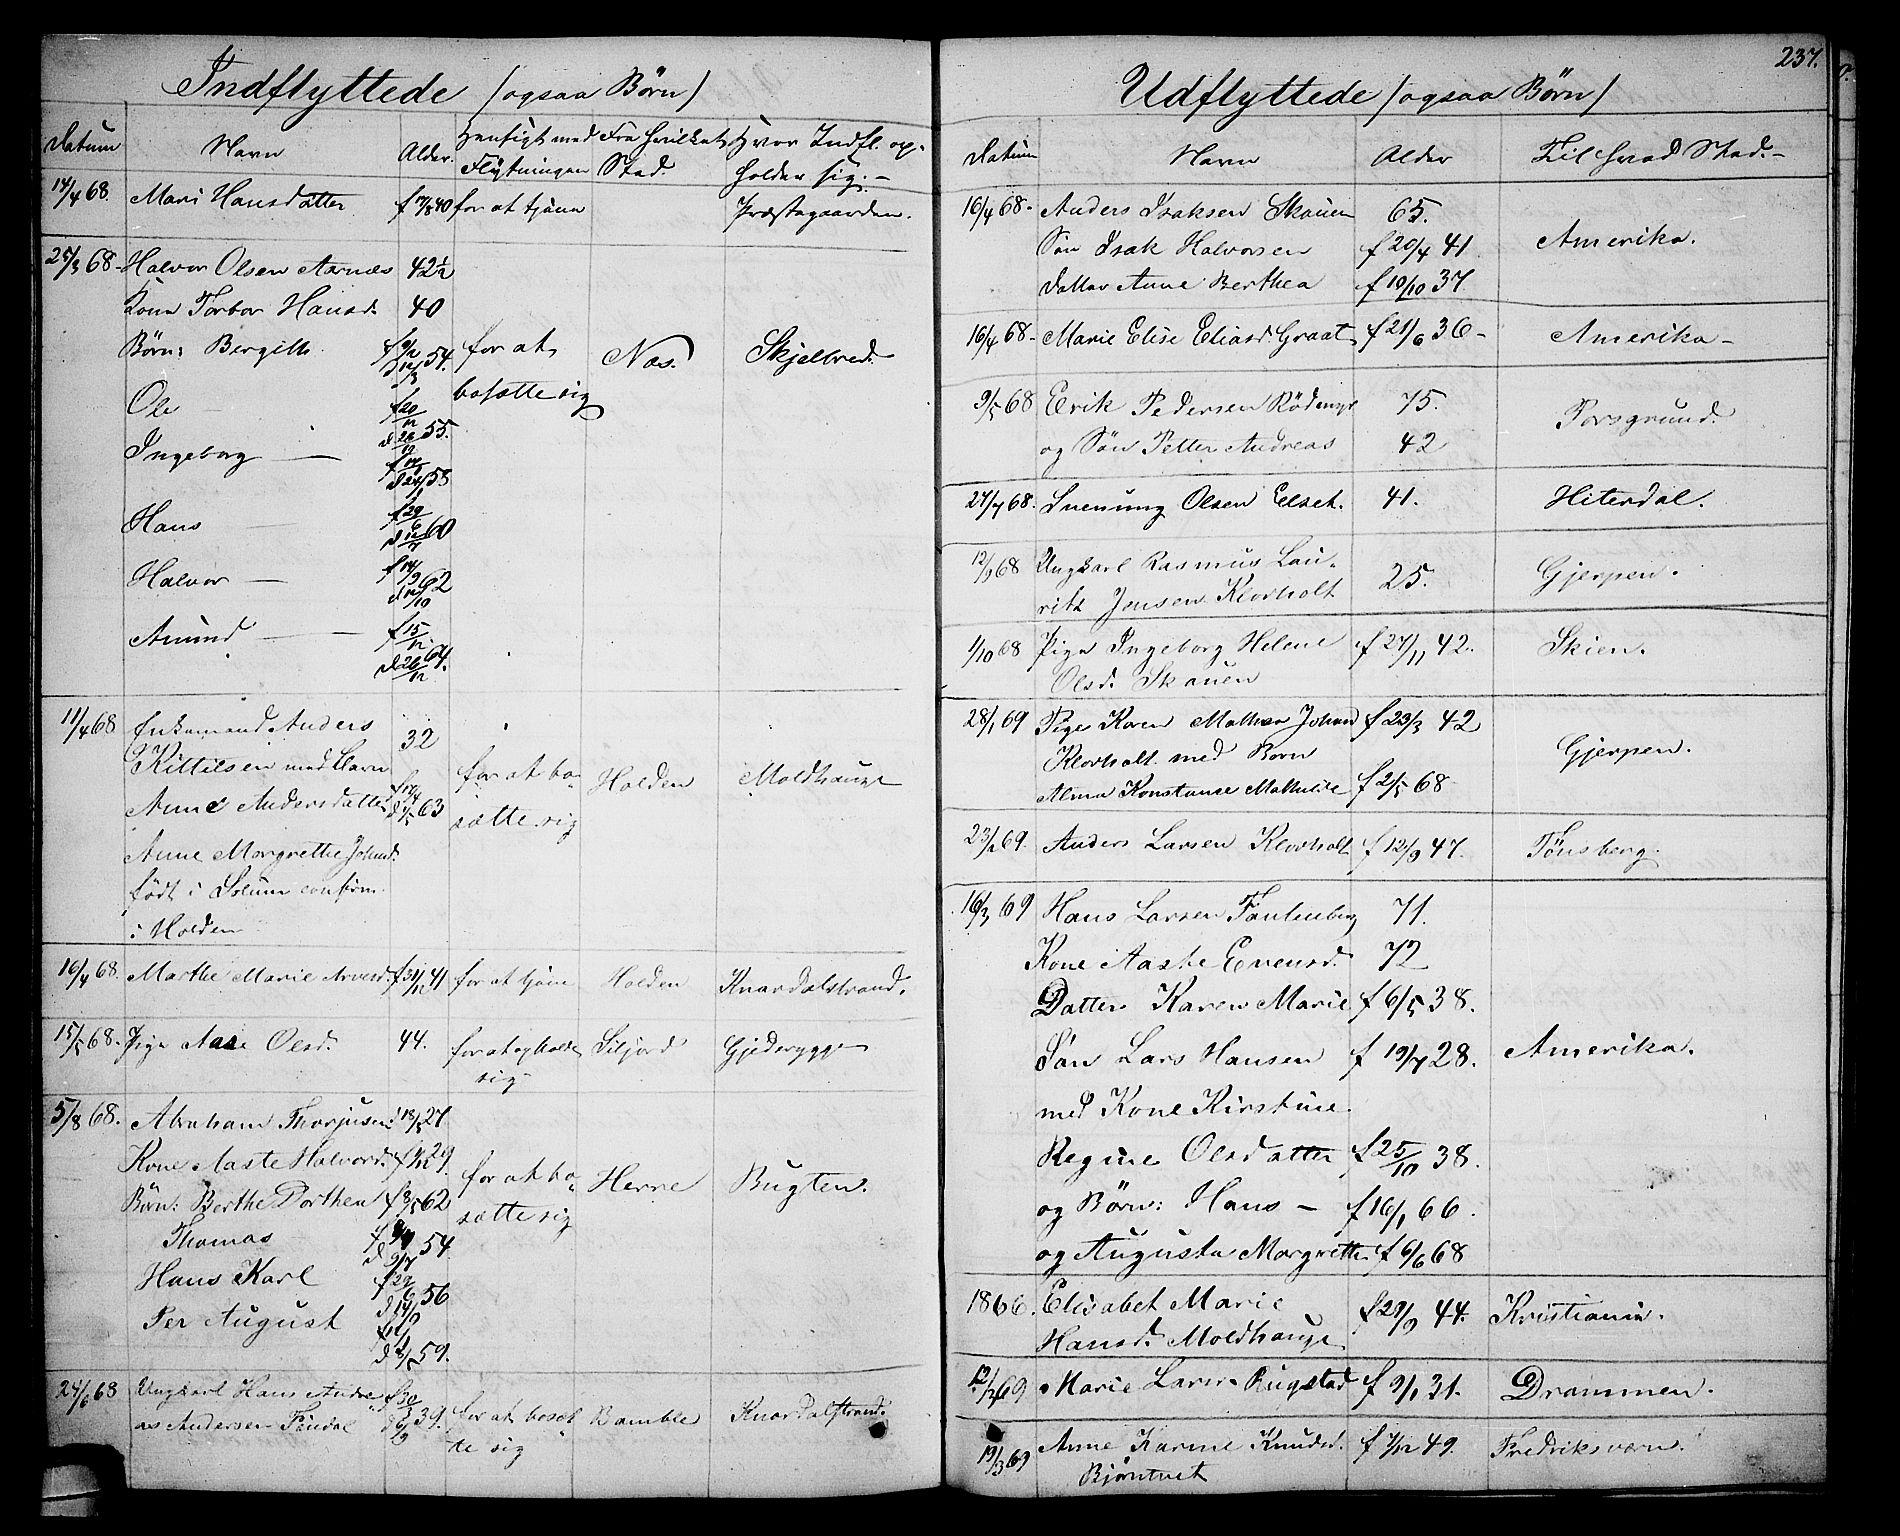 SAKO, Solum kirkebøker, G/Ga/L0004: Klokkerbok nr. I 4, 1859-1876, s. 237